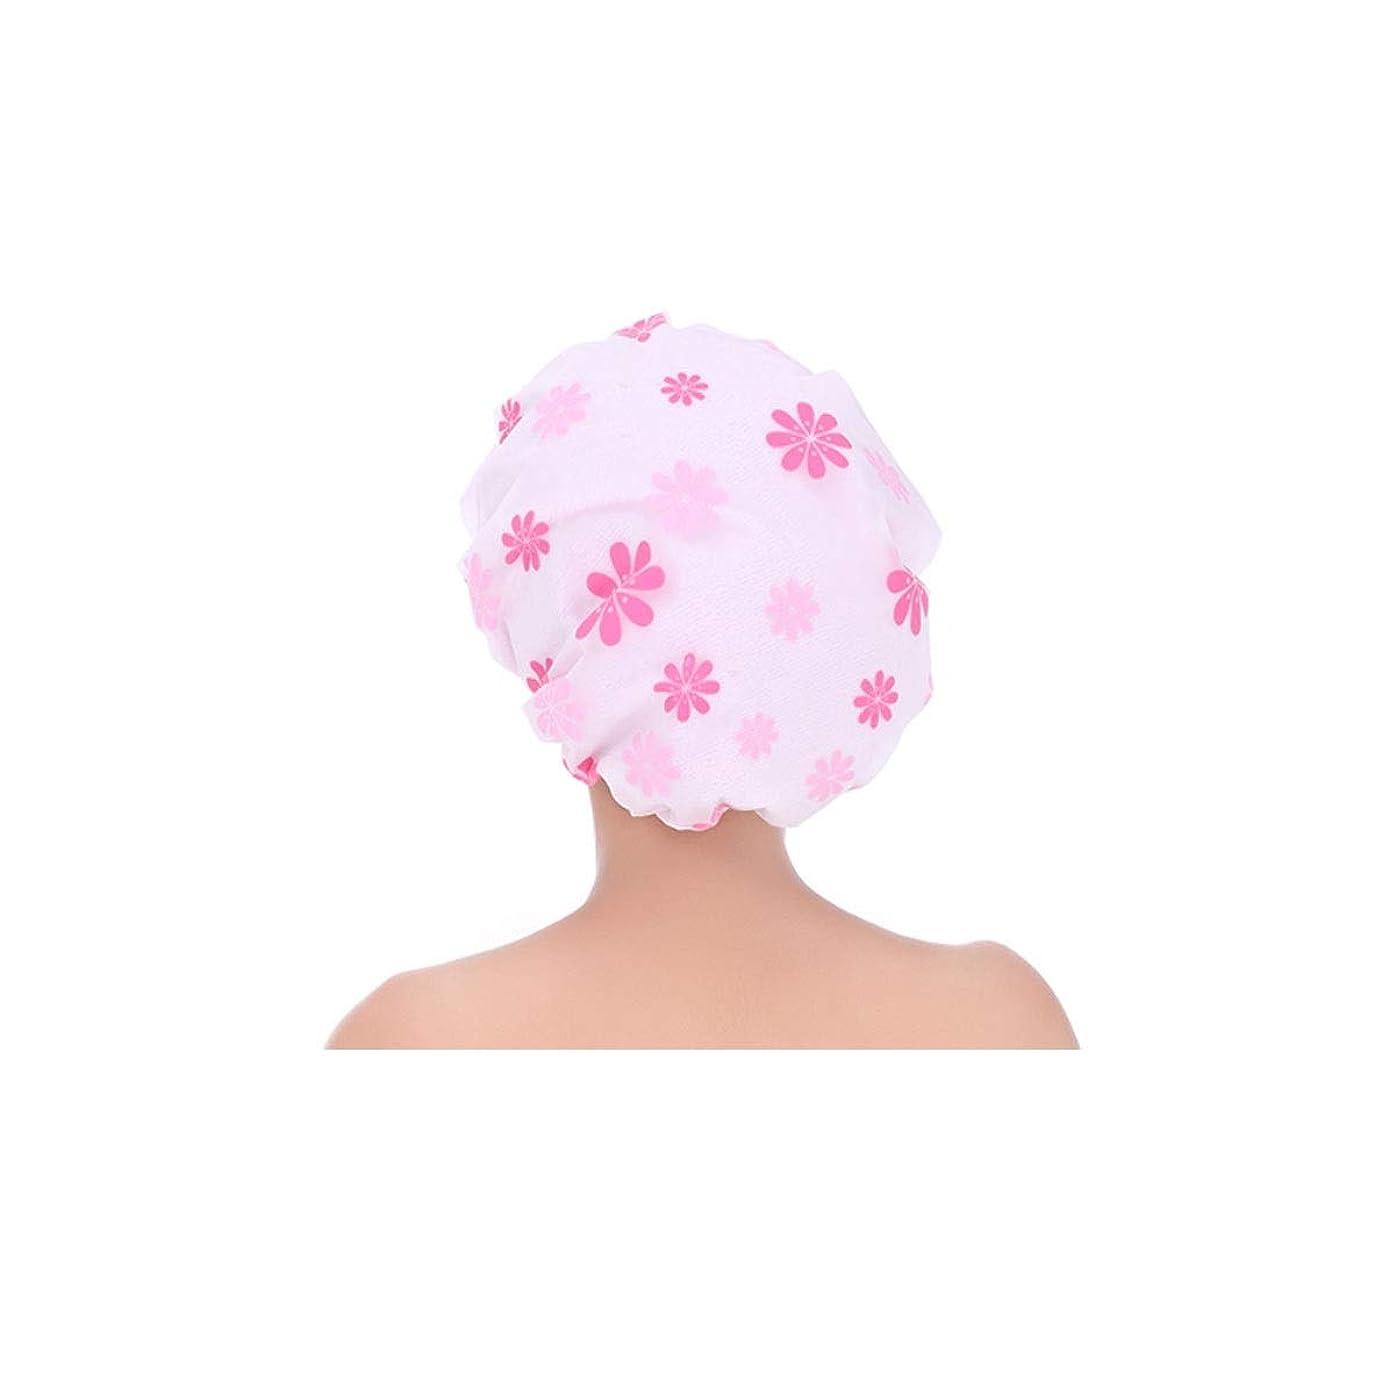 使役ほかにひどいHUIJUNWENTI シャワーキャップ、シャワーキャップ防水シャワーキャップ、成人女性のシャワーキャップ、スリーインワン拡大シャワーキャップ、二層オイルキャップ、ヘアマスクシャワーキャップ ブルー、ピンク、 (Color : Pink)